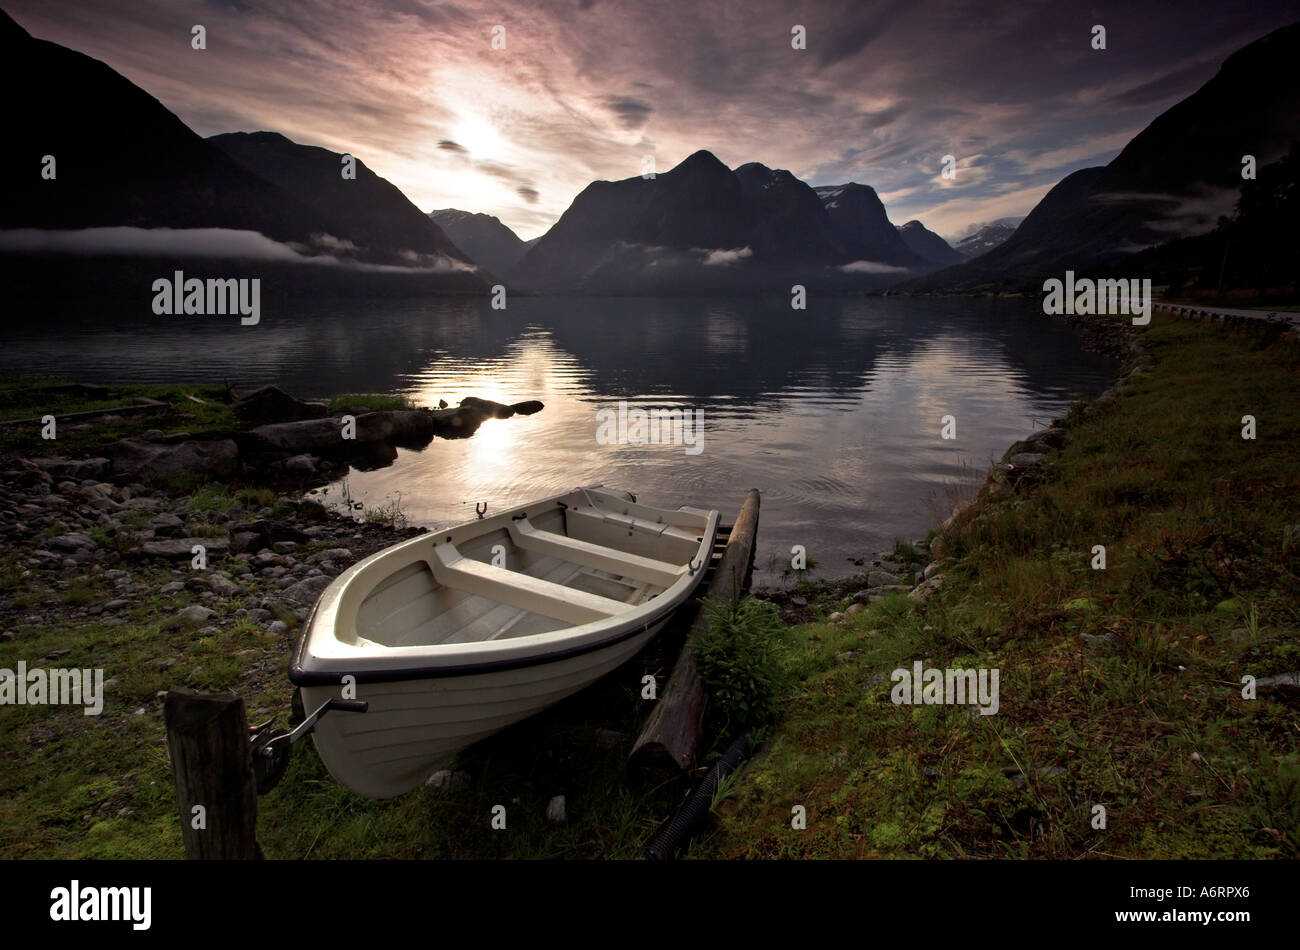 Una piccola barca ormeggiato sulle rive di un fiordo norvegese. Bassa wisps del cloud appendere sopra le acque ancora Immagini Stock